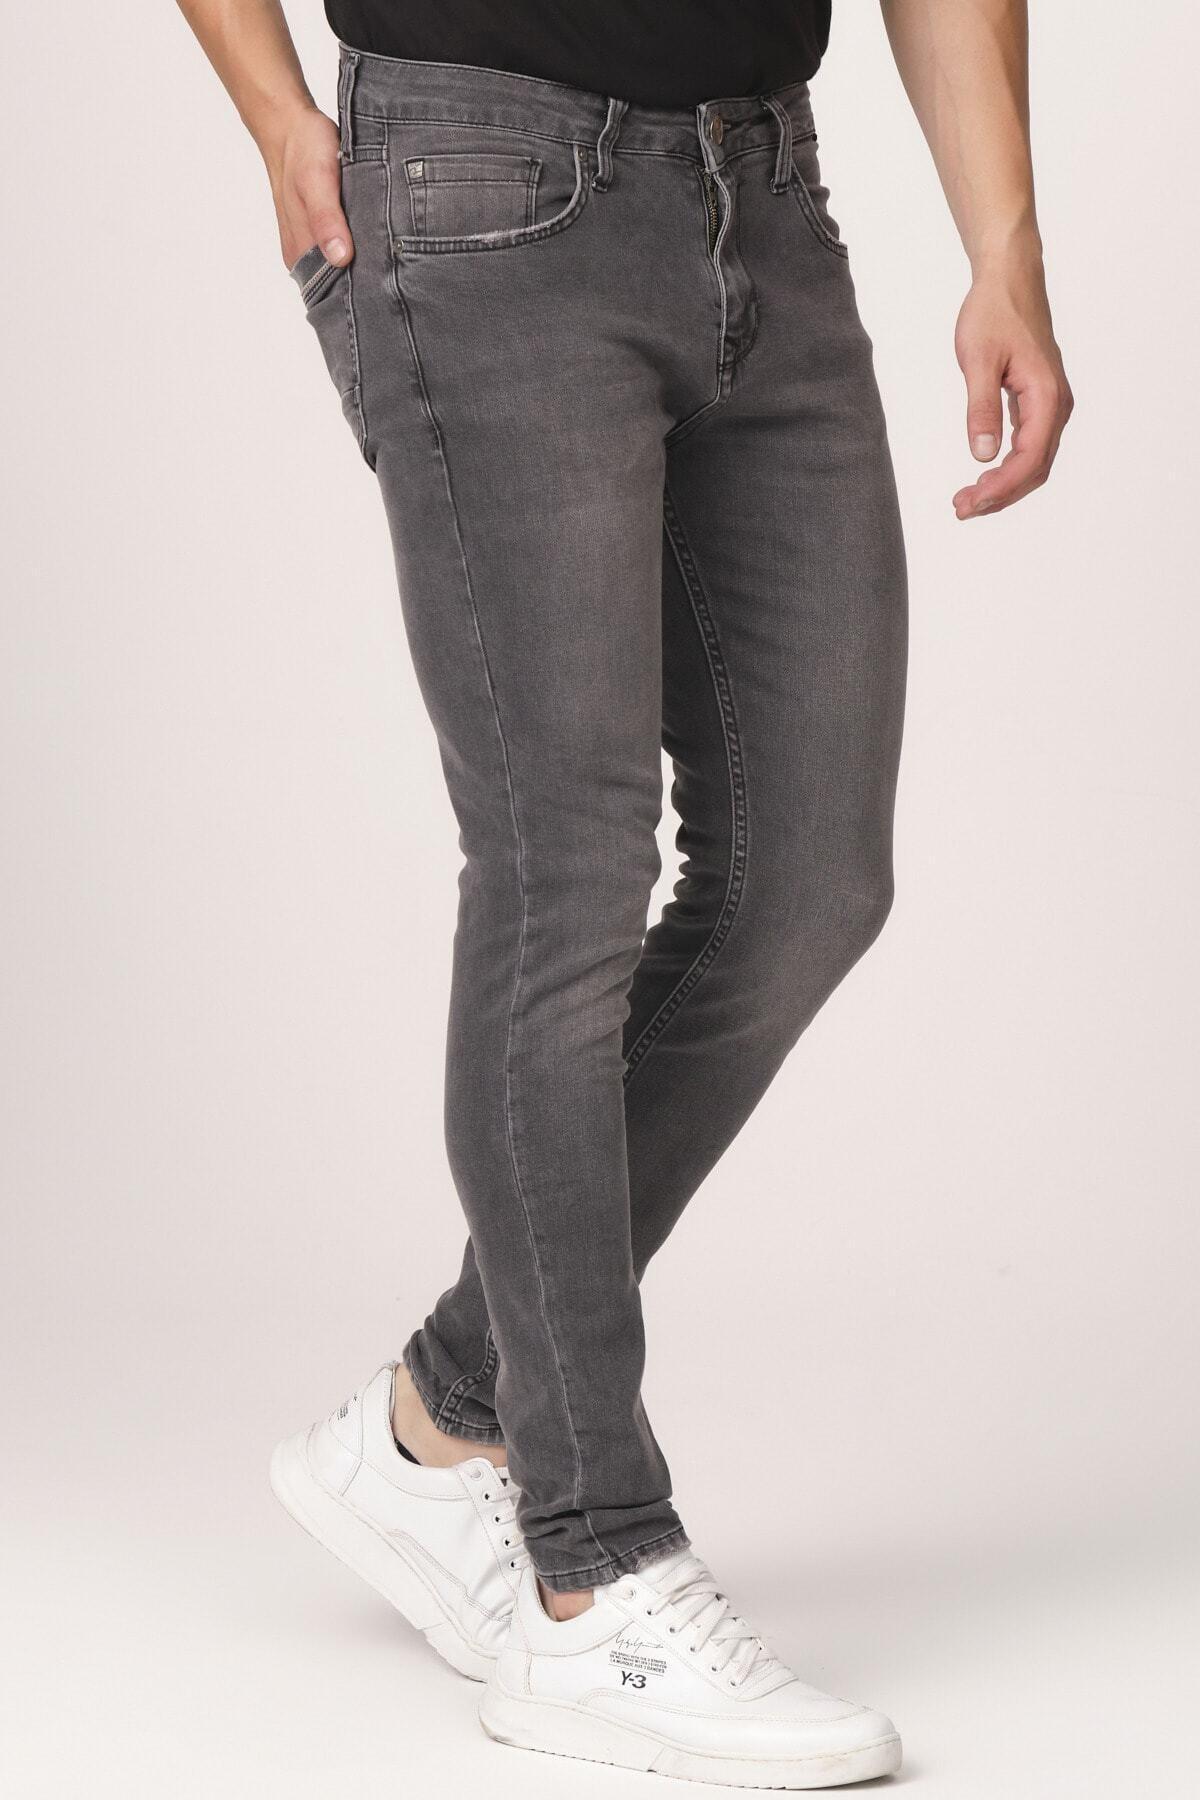 Rodi Jeans Tıger 012